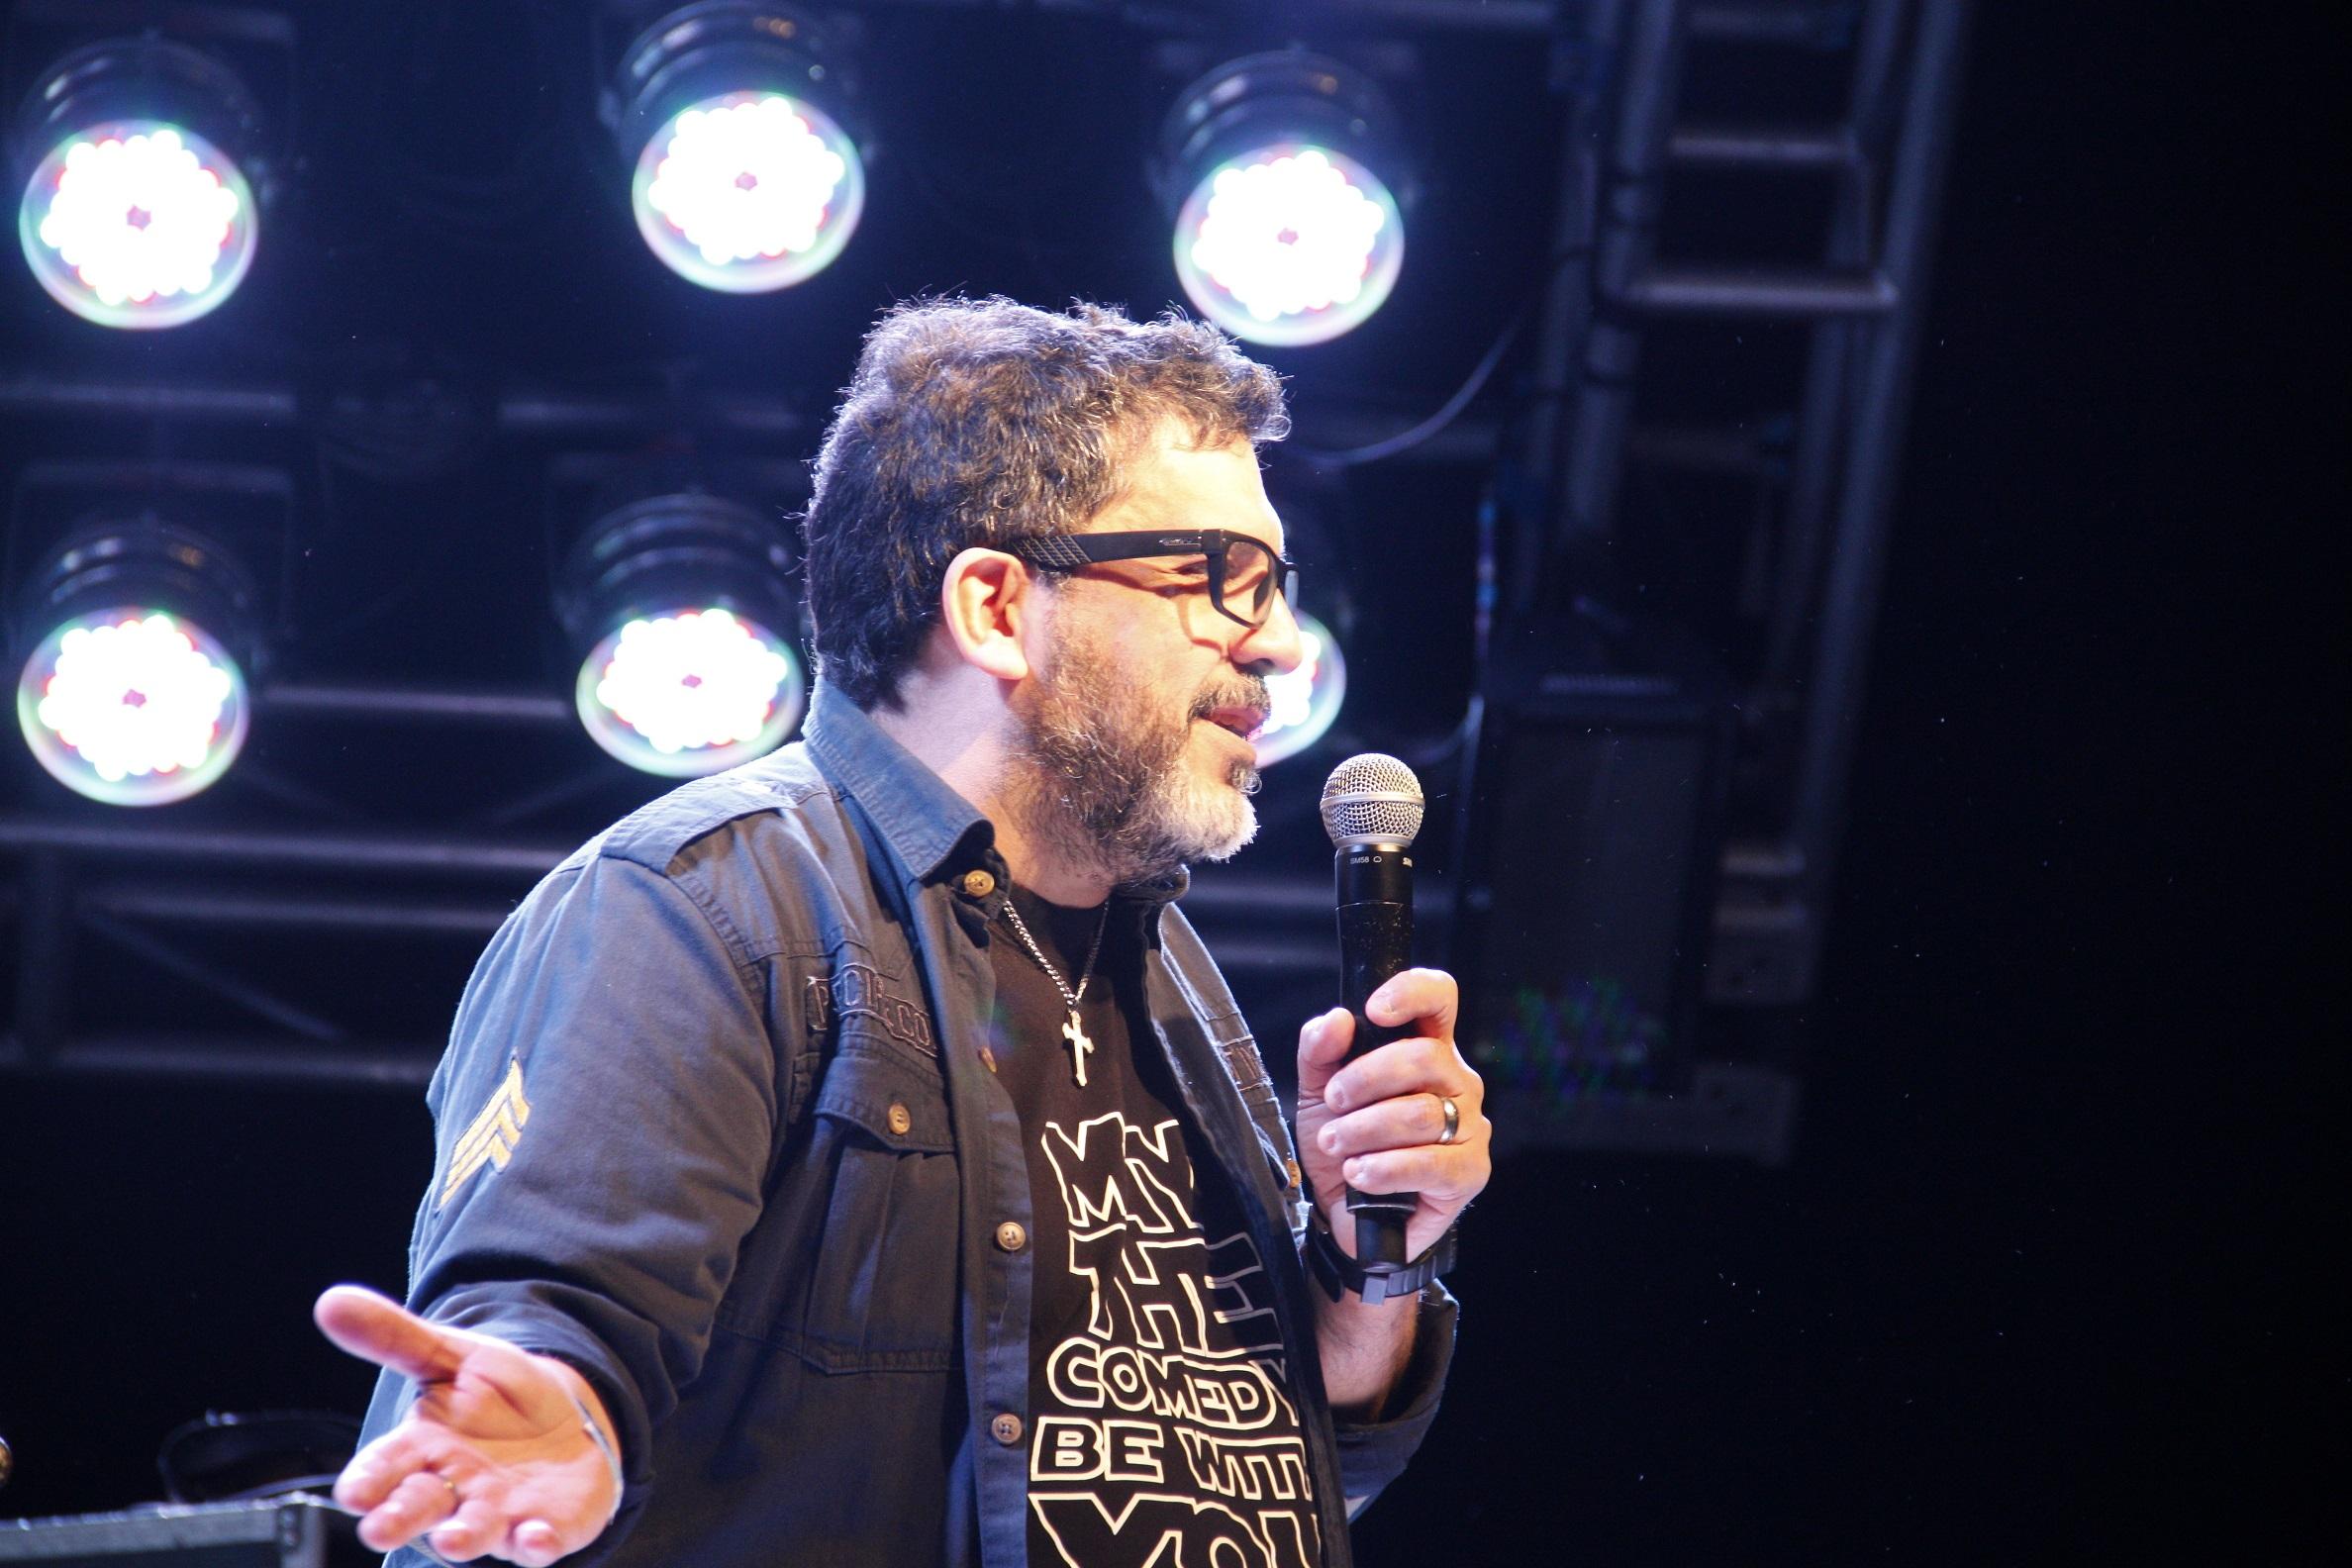 Pablo Vasco festejará sus cinco años en el stand up con un show especial